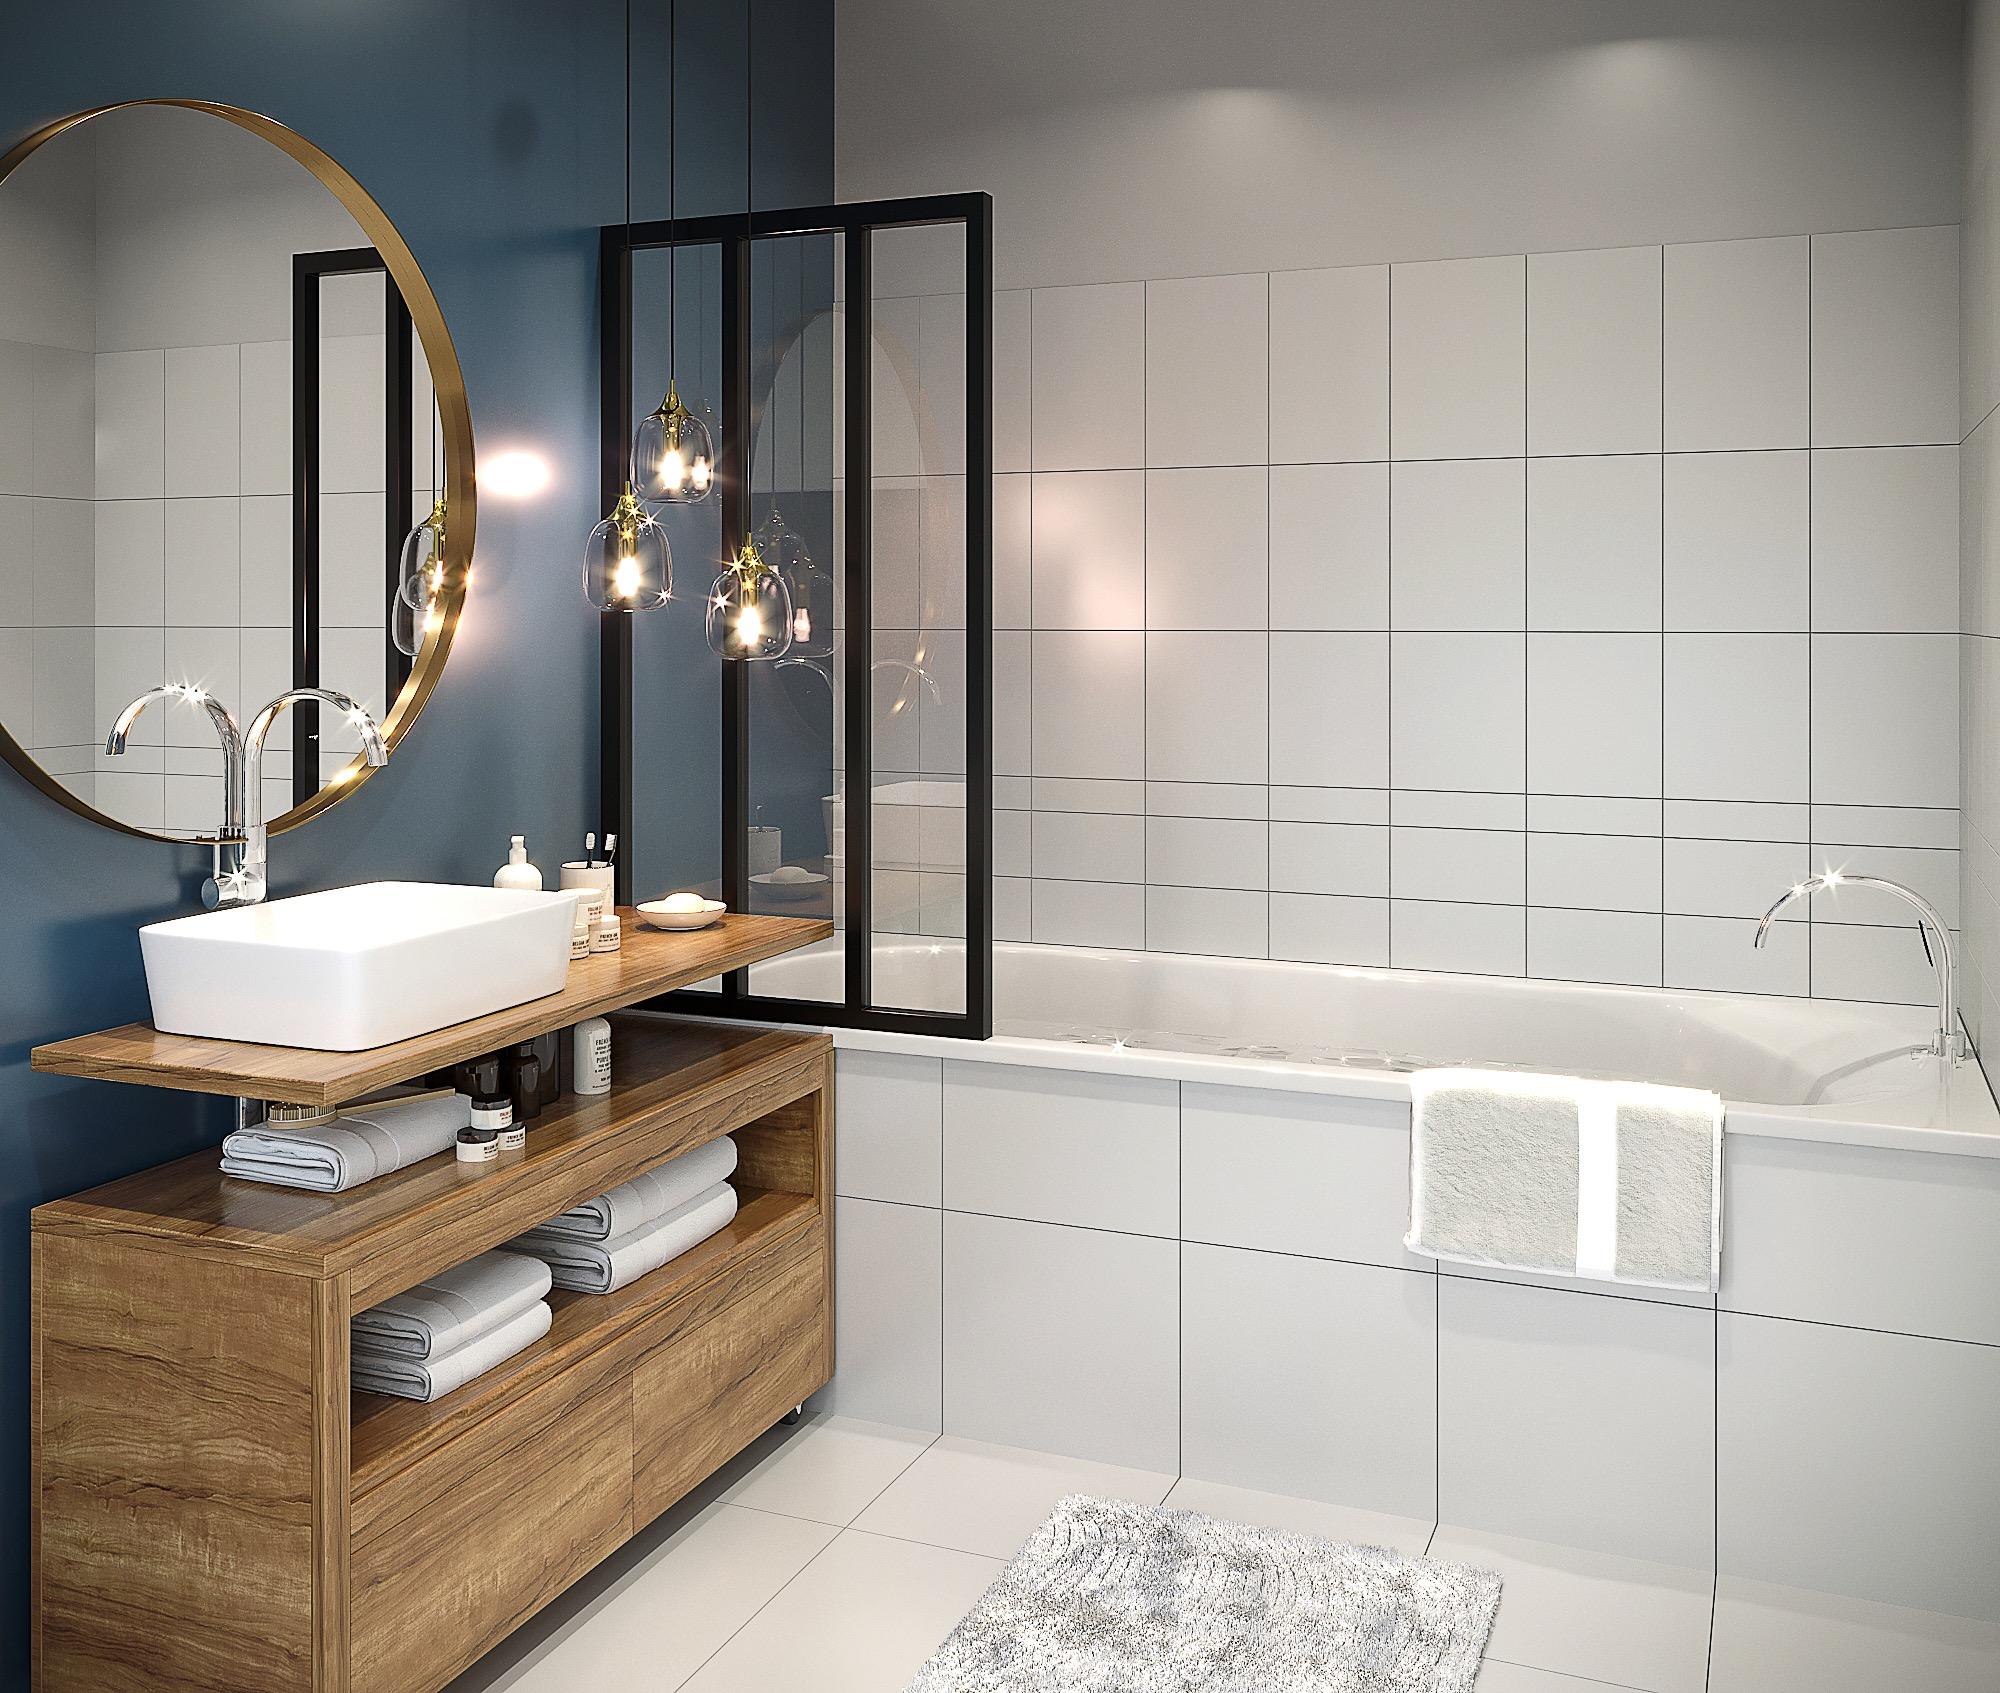 Cacher Trou Carrelage Salle De Bain comment relooker une salle de bains ? - madame figaro